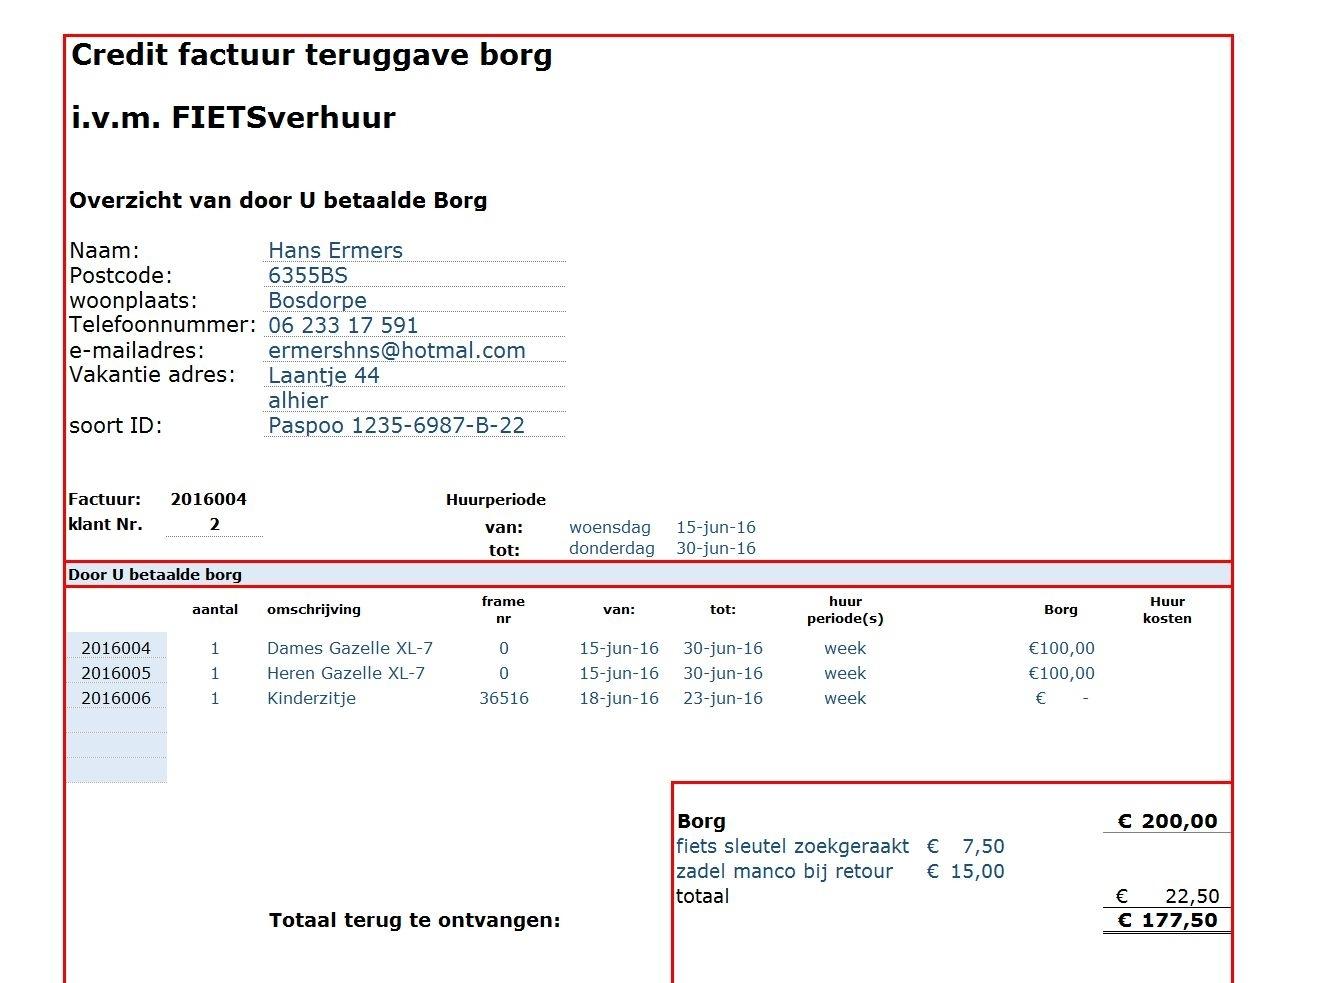 Online Spreadsheet Maken Regarding Verhuur Voorbeelden Excel Spreadsheet.nl Binnen Credit Factuur Maken